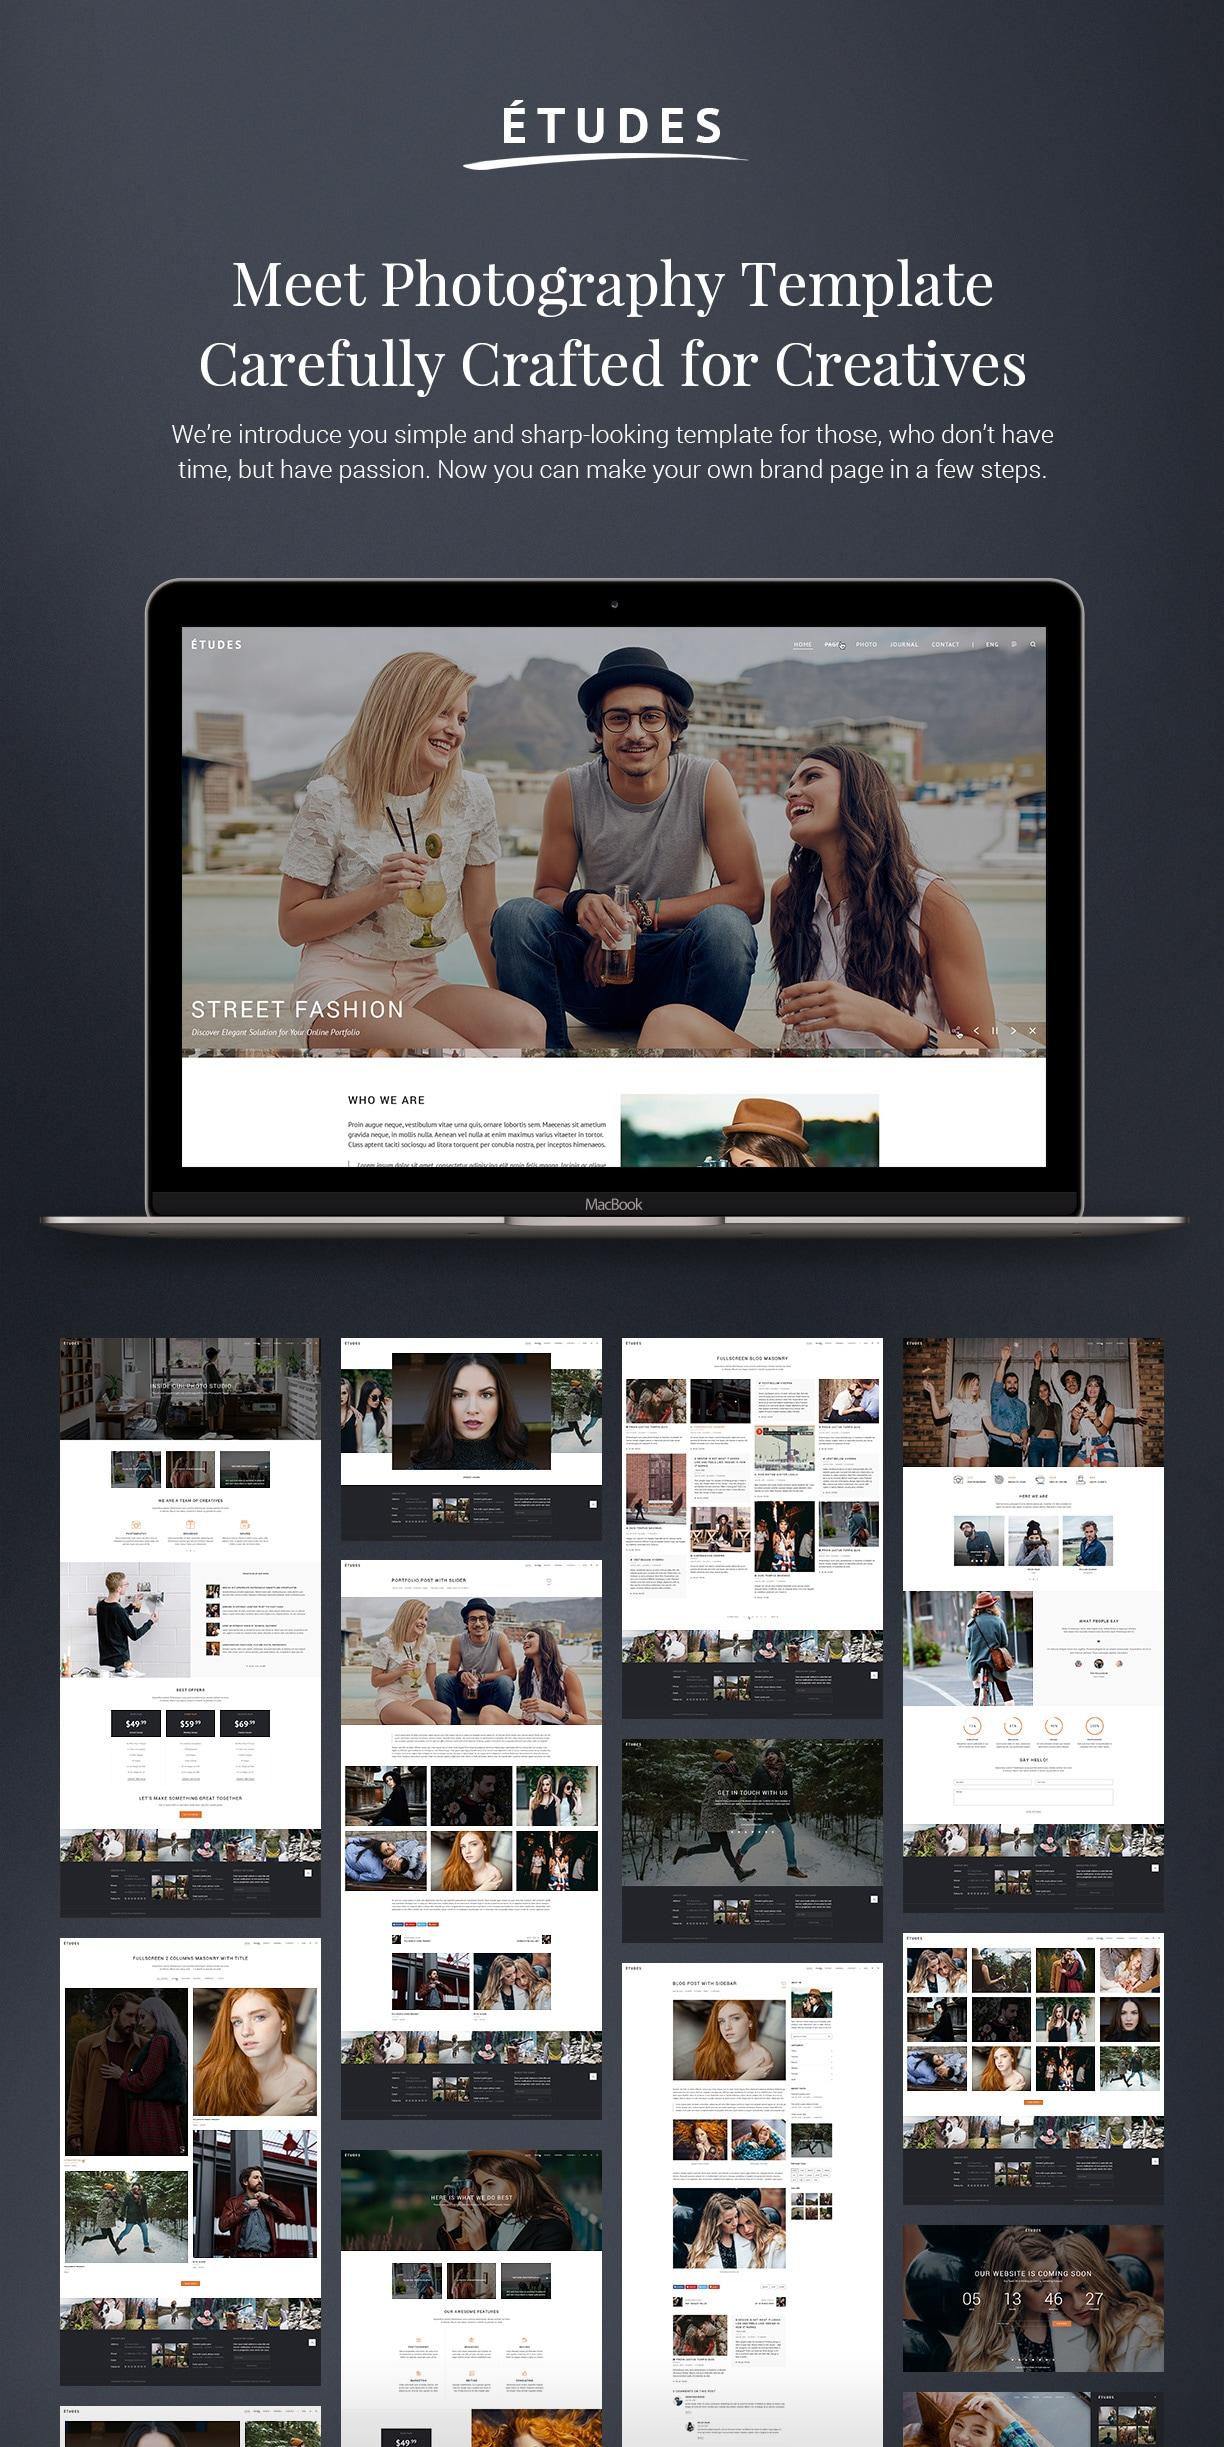 Premium Photo Template - Etudes - 1